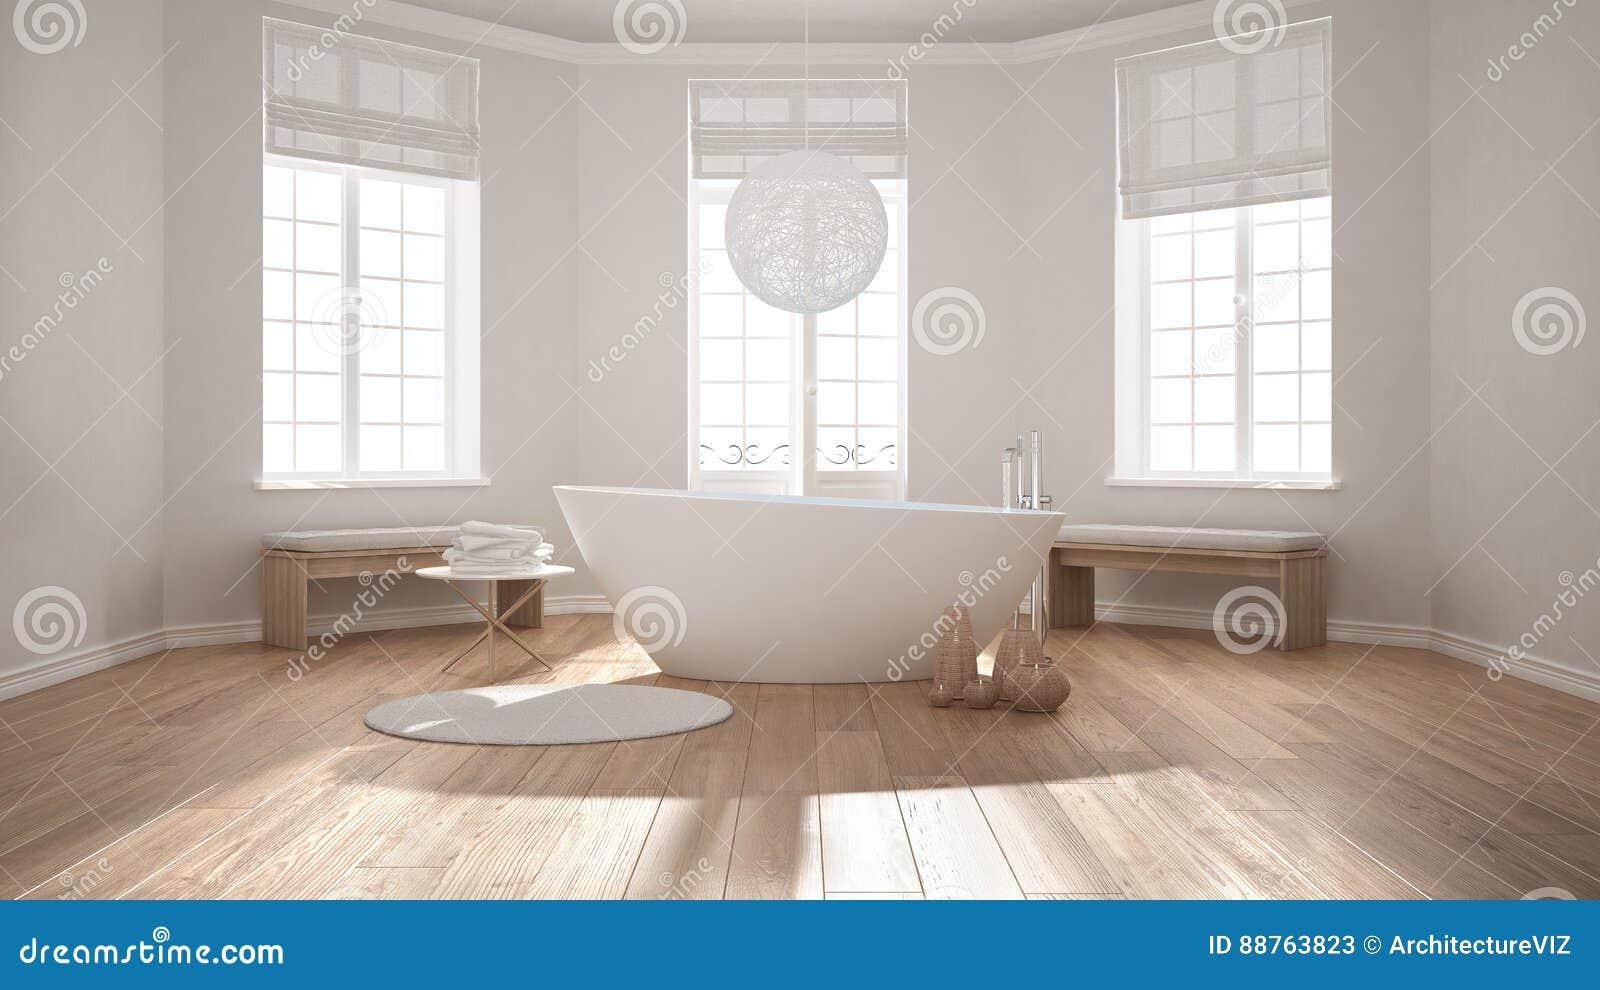 Salle De Bains Classique Station Thermale Zen Avec La Baignoire Conception Intrieure Scandinave Minimaliste